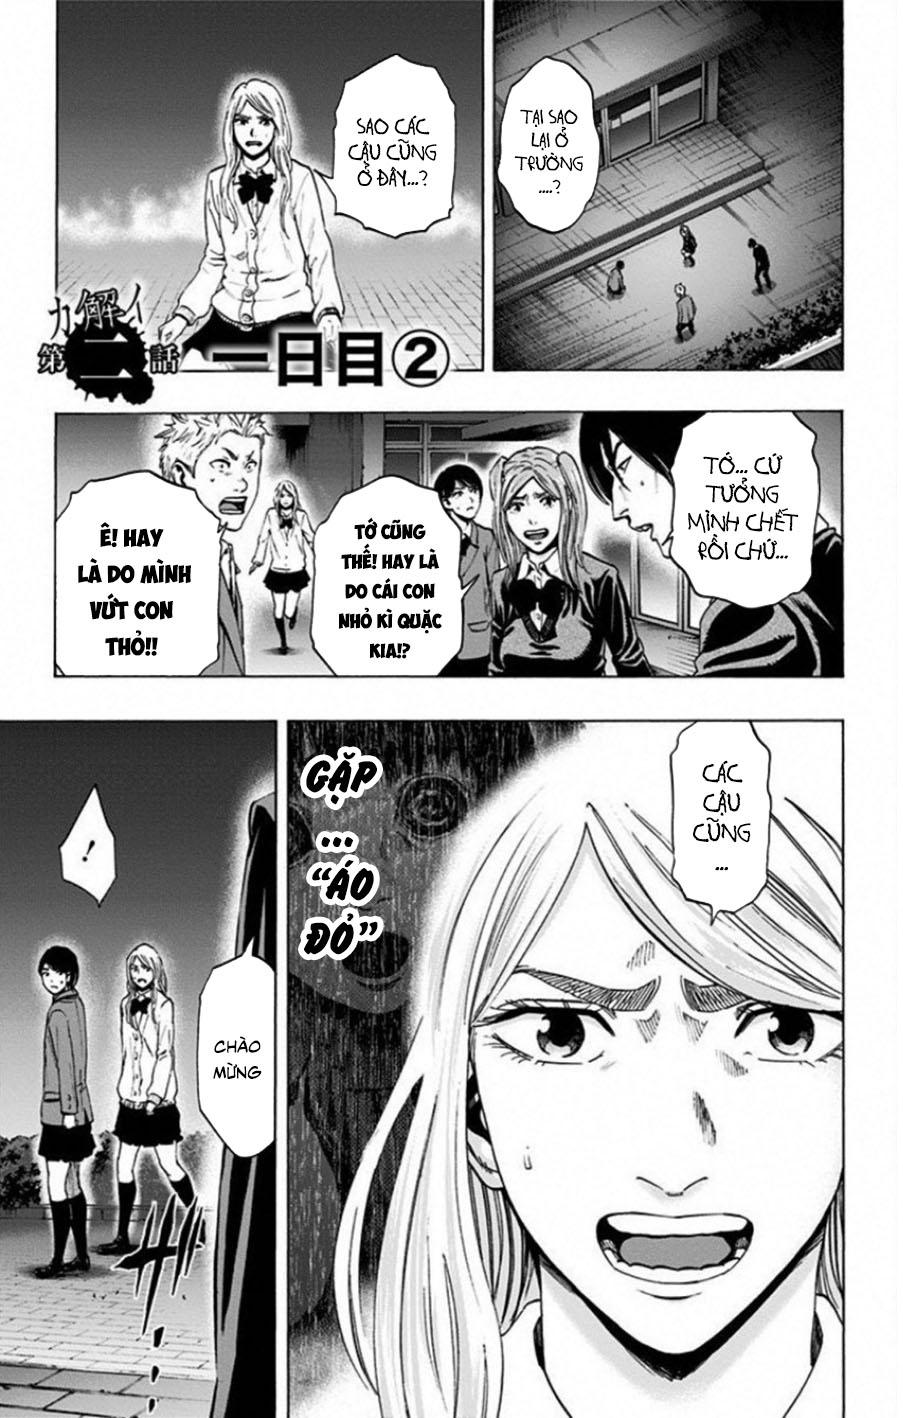 Tìm thân xác này đi! - Karada Sagashi Chap 2 . Next Chap Chap 2.1